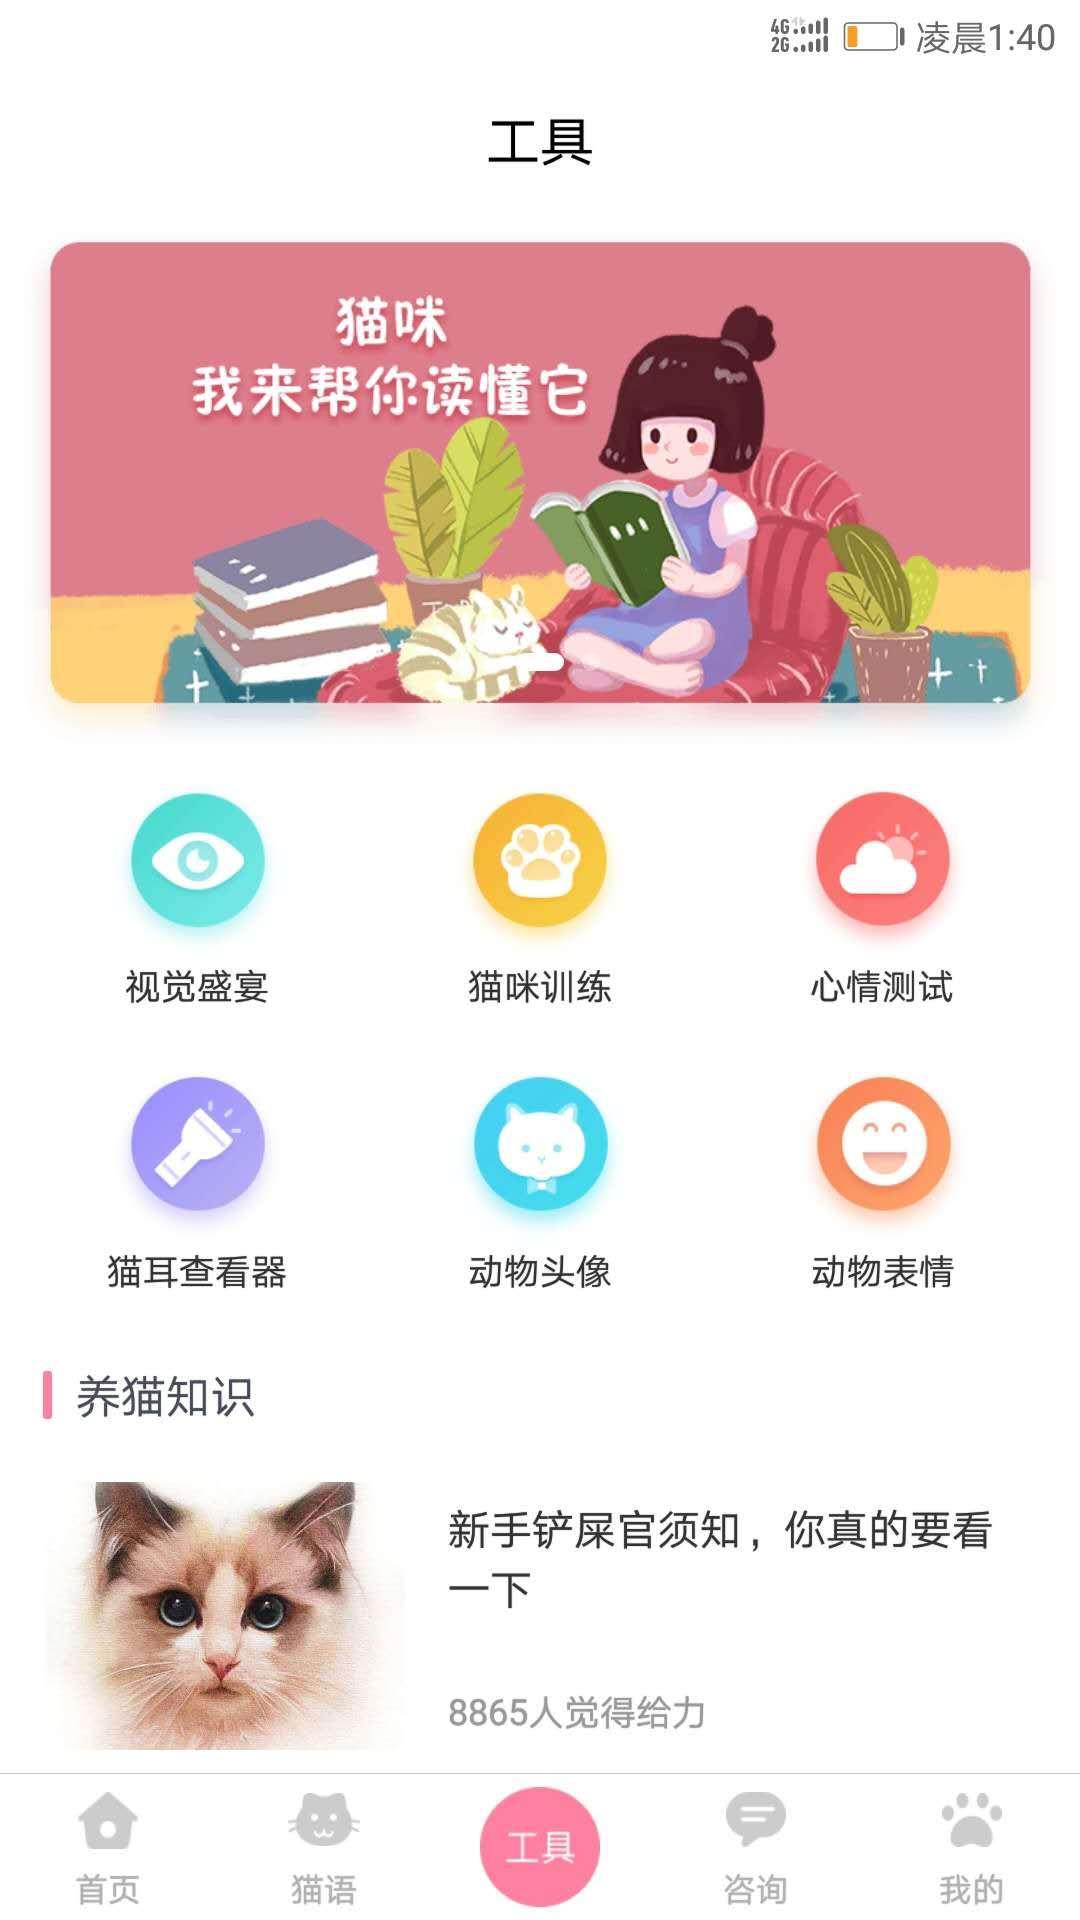 人猫翻译器截图(2)